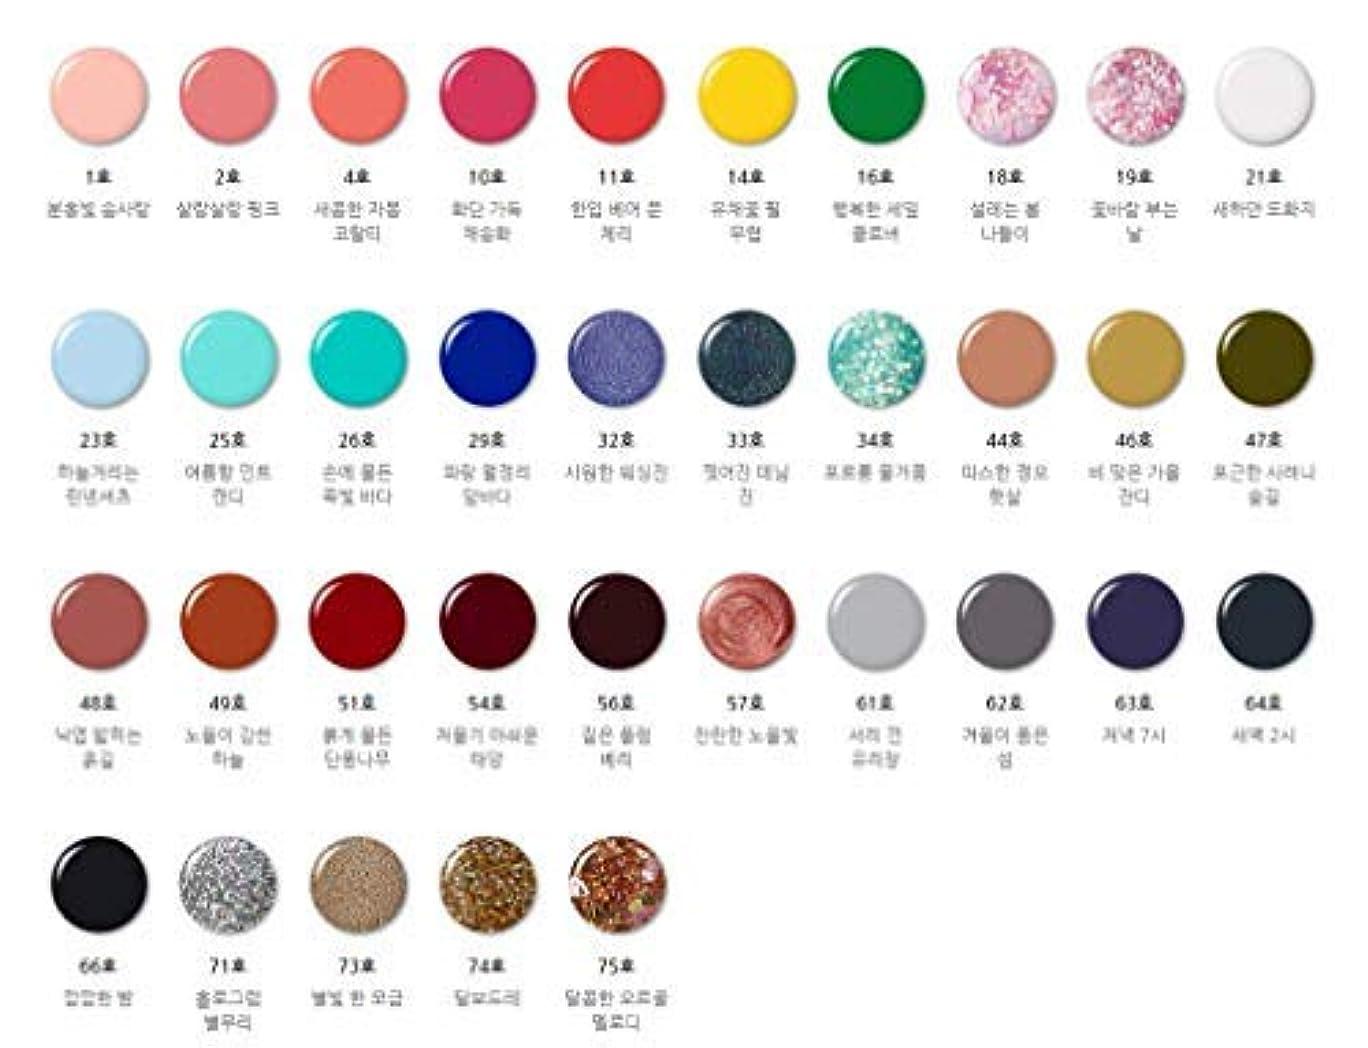 関係する球状医師[イニスフリー.innisfree]リアルカラーネイル6mL(2019 new)/ Real Color Nail_美しい自然からインスピレーションを受けた鮮やかなカラー感の高発色高光沢ネイルカラー (#1)